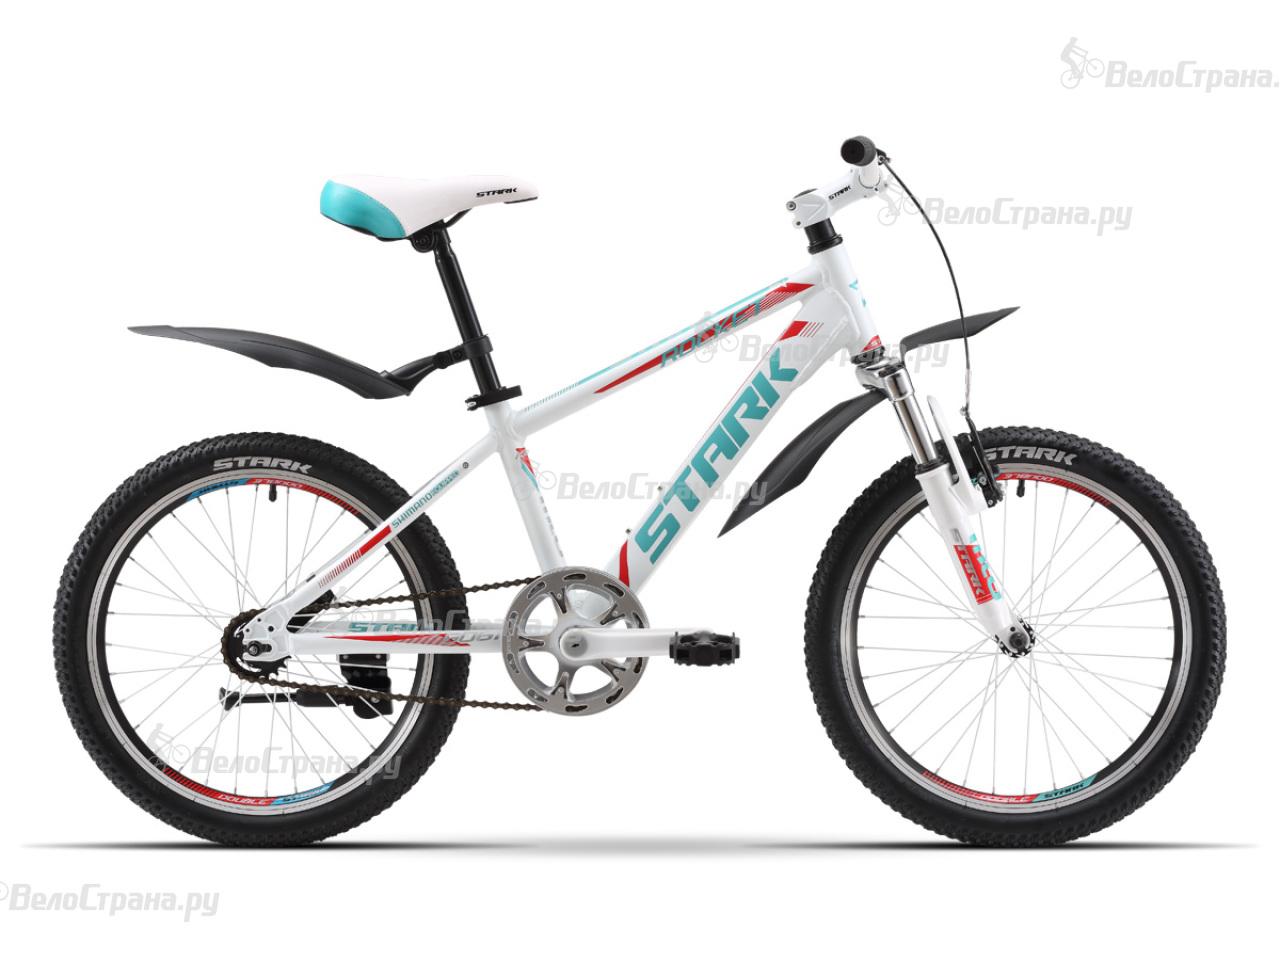 Велосипед Stark Rocket 20 (2016) stark велосипед stark rocket 24 3 hd 2017 черно зеленый one size